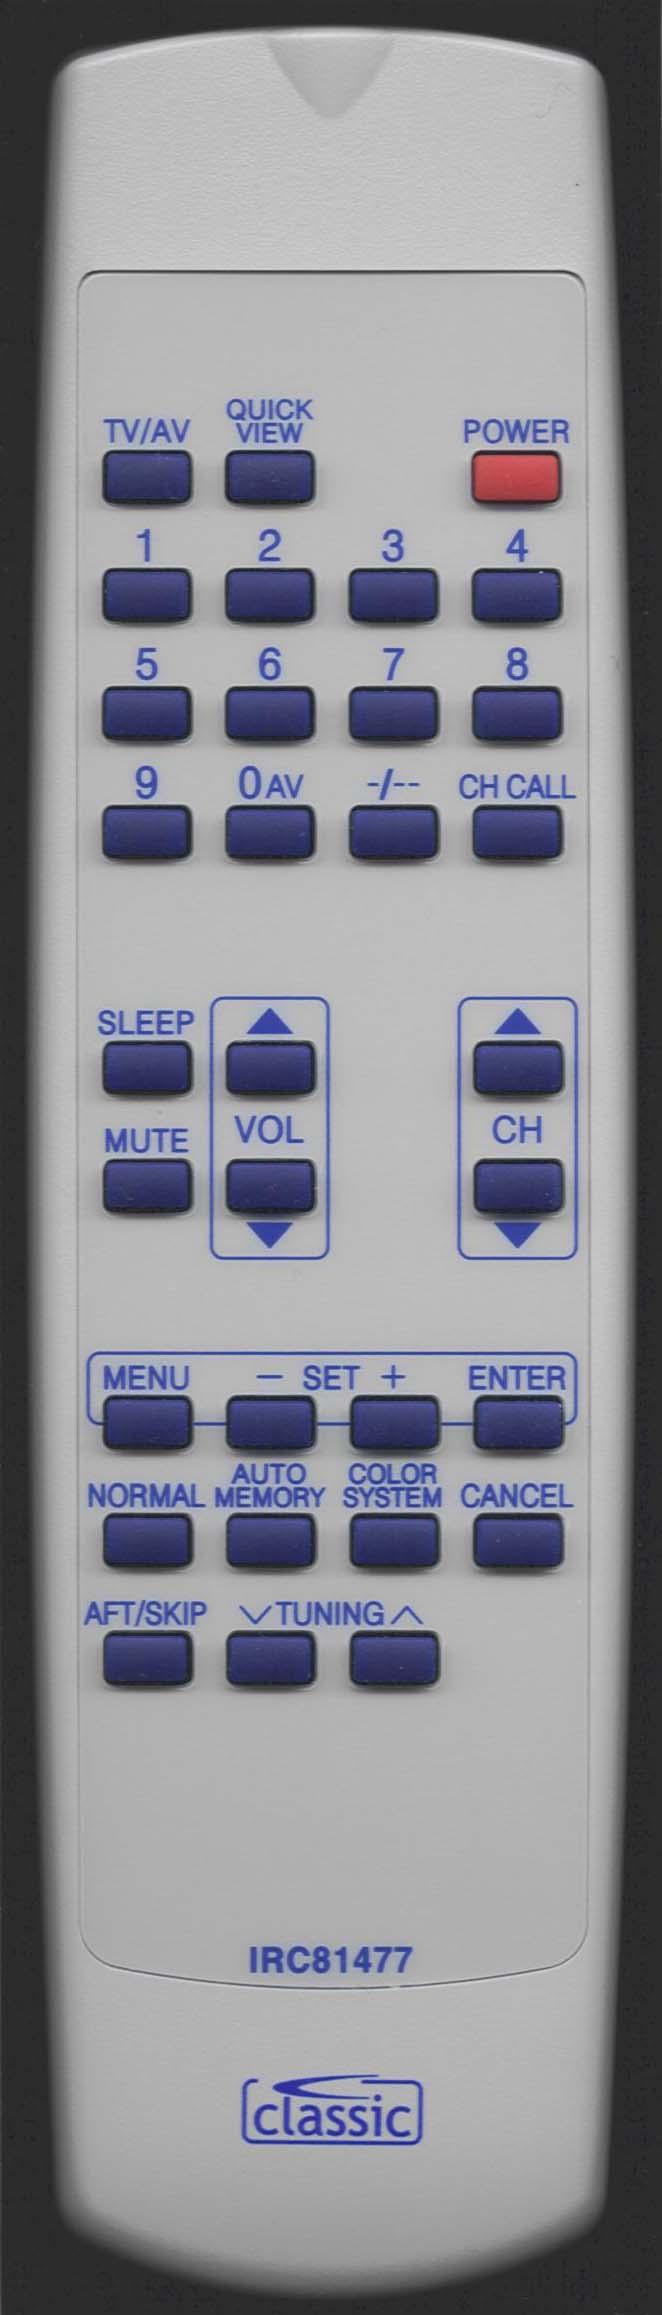 ORION 076R0NC080 Remote Control